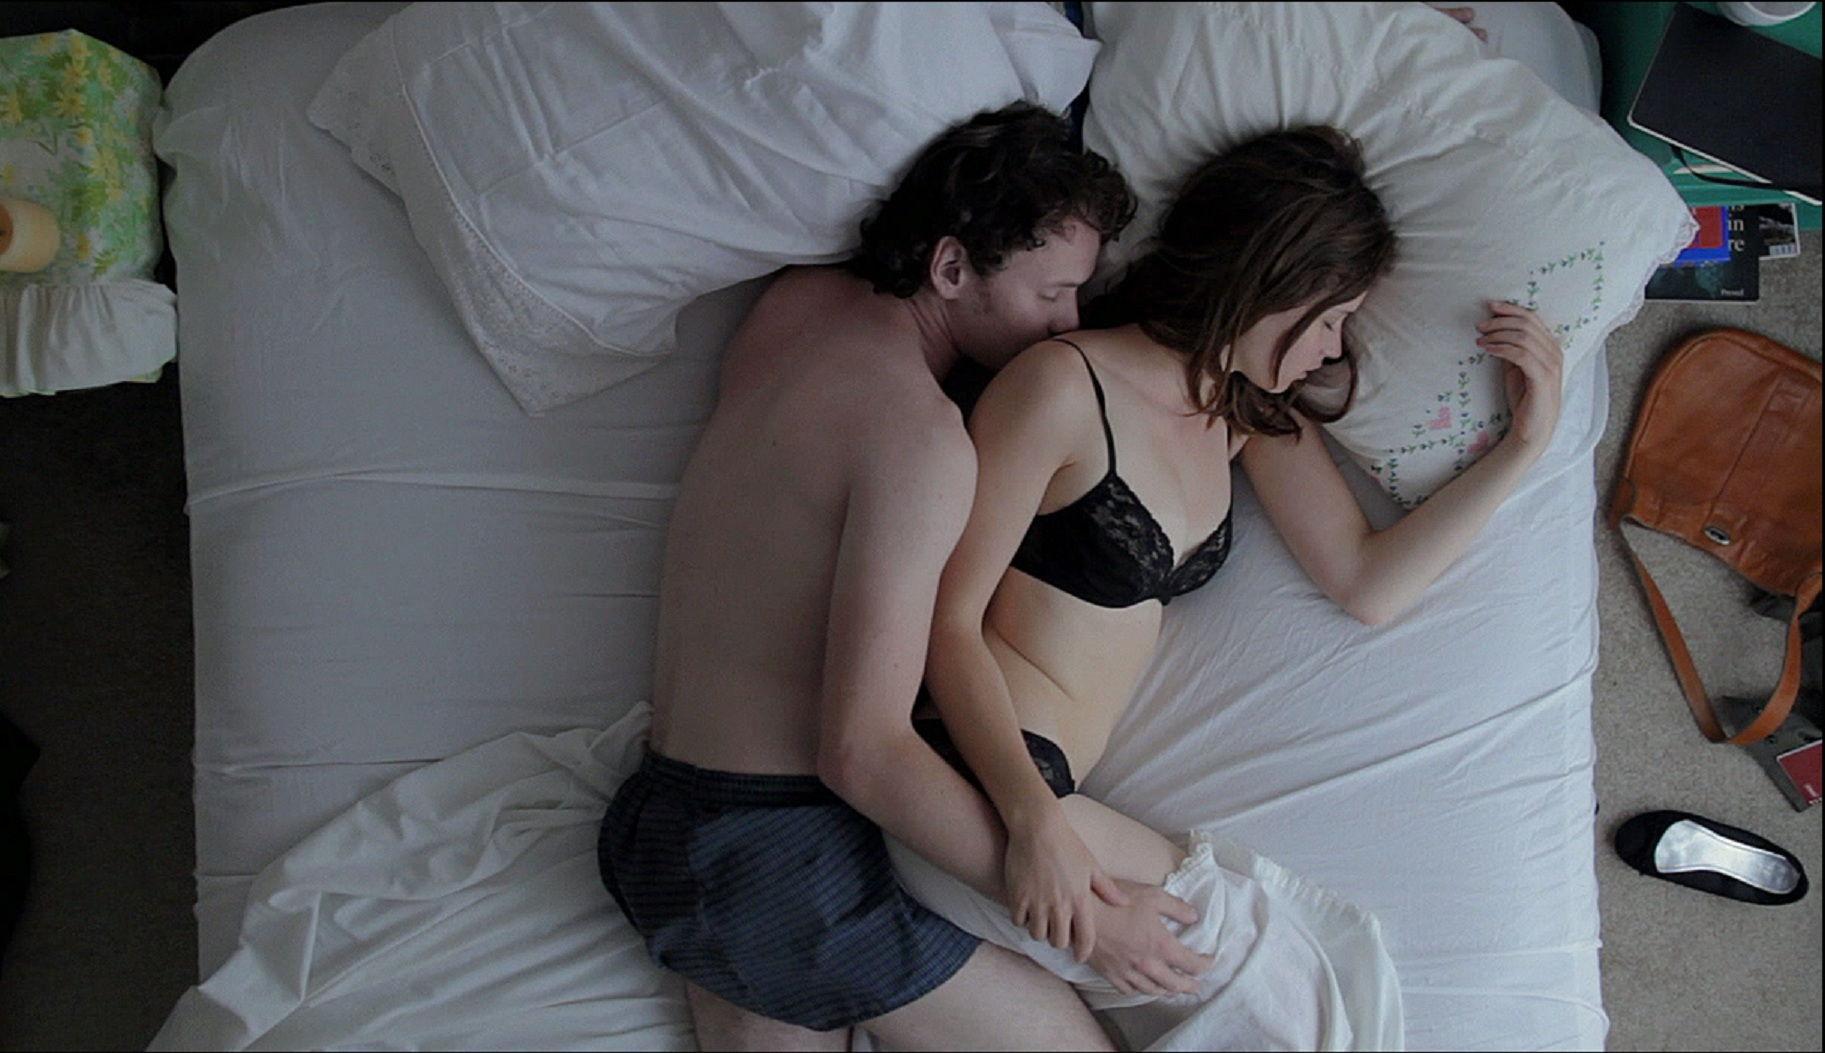 Он Лежал На Кровати И Смотрел Как Его Молодая Девушка Танцует Для Него Стриптиз, Потом Трахал Ее На Кровати Смотреть